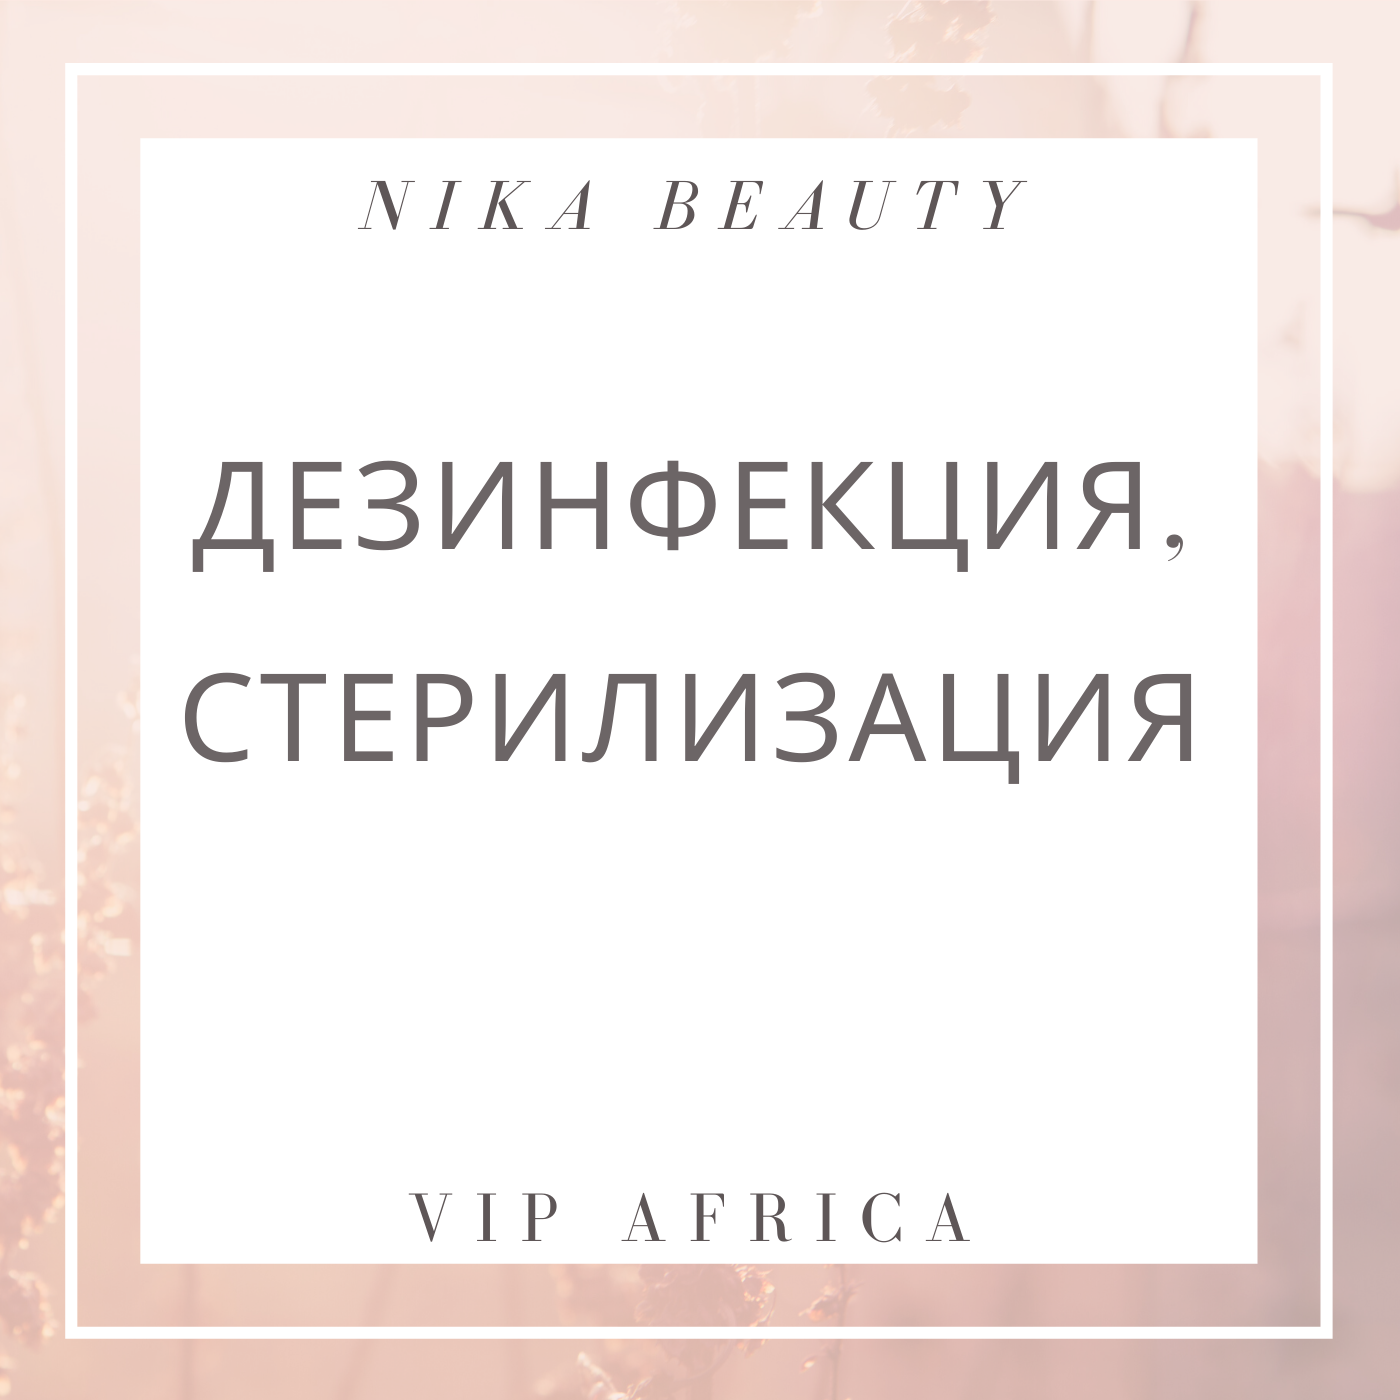 кератиновое выпрямление обучение в салонах Ника и Африка